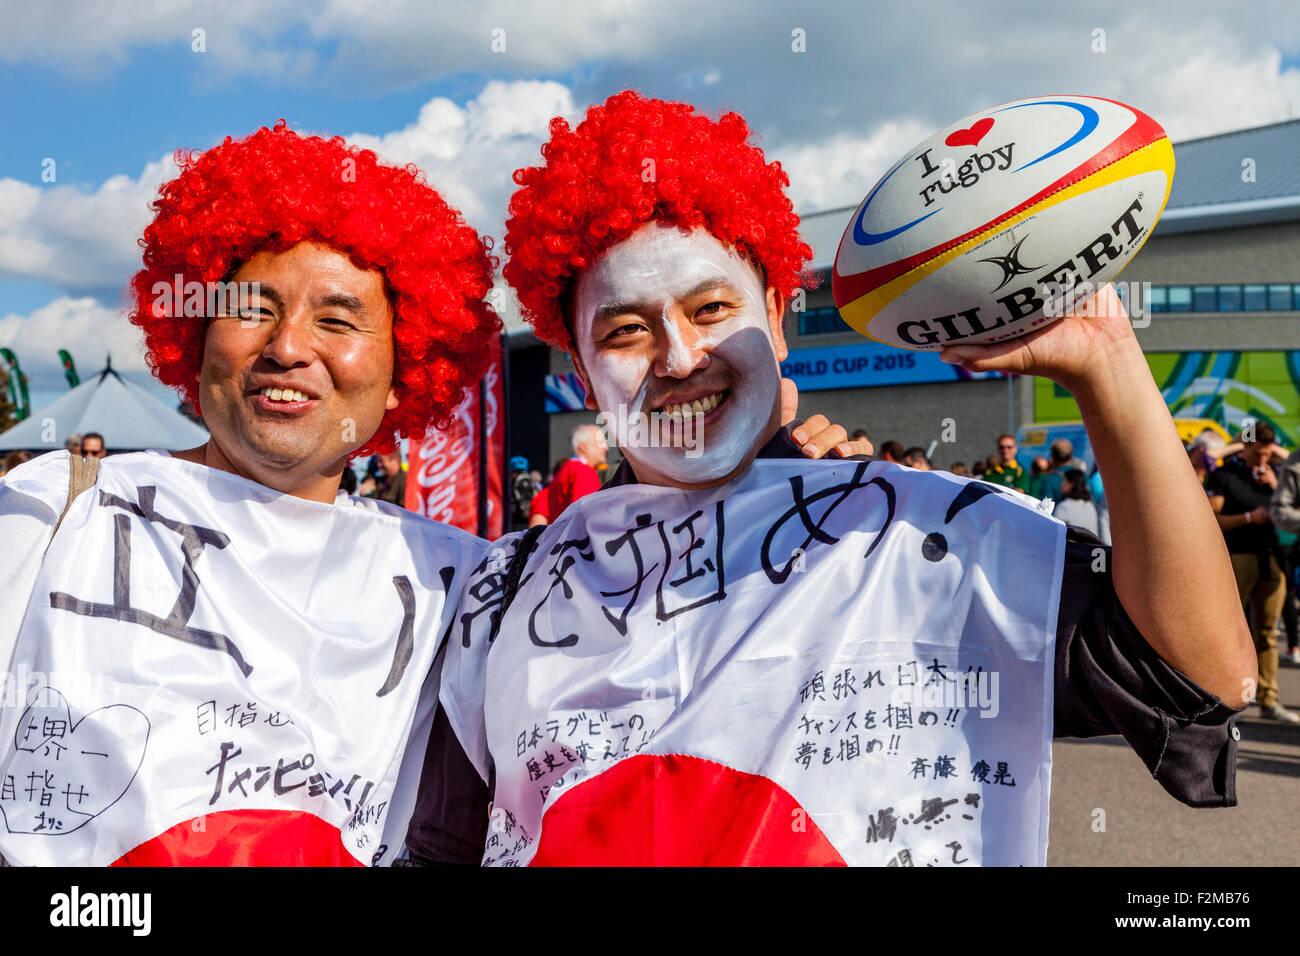 Japanisches Rugby-Fans kommen, um ihre Mannschaft Südafrika In das Eröffnungsspiel der Rugby-Weltmeisterschaft Stockbild